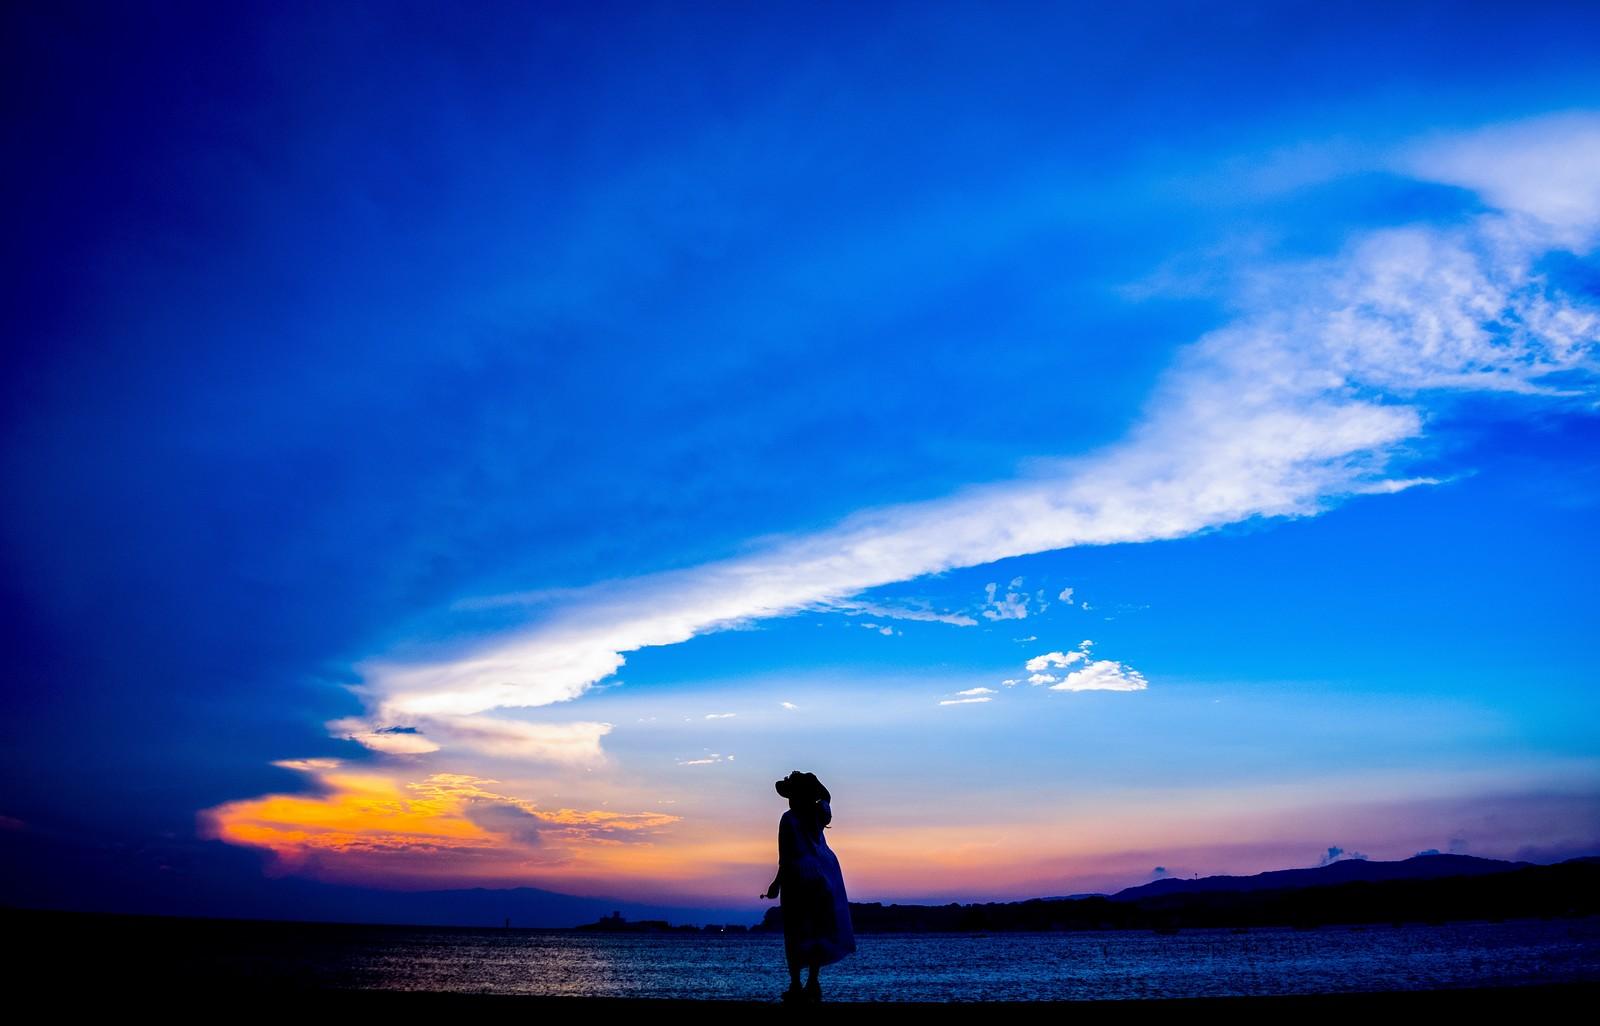 夜空の下で、占いをしてもらって何かを決断した女性のシルエットの画像